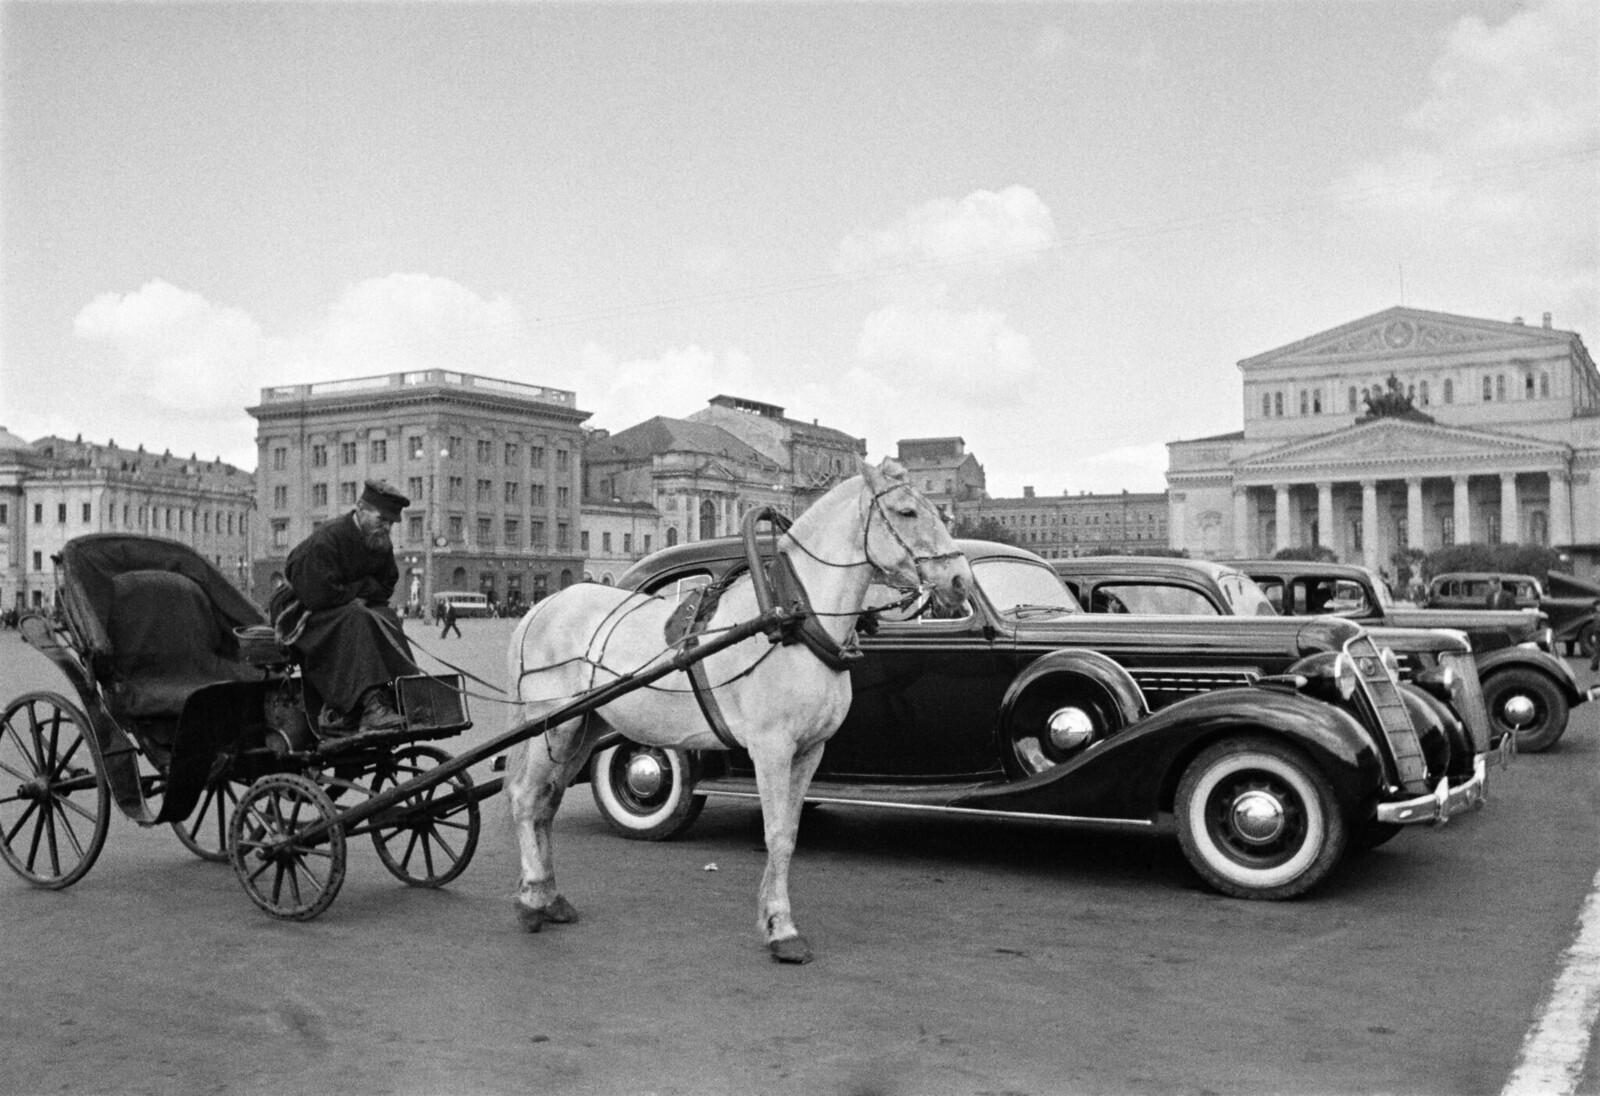 1935. Извозчик и автомобиль. Стоянка такси у Большого театра.